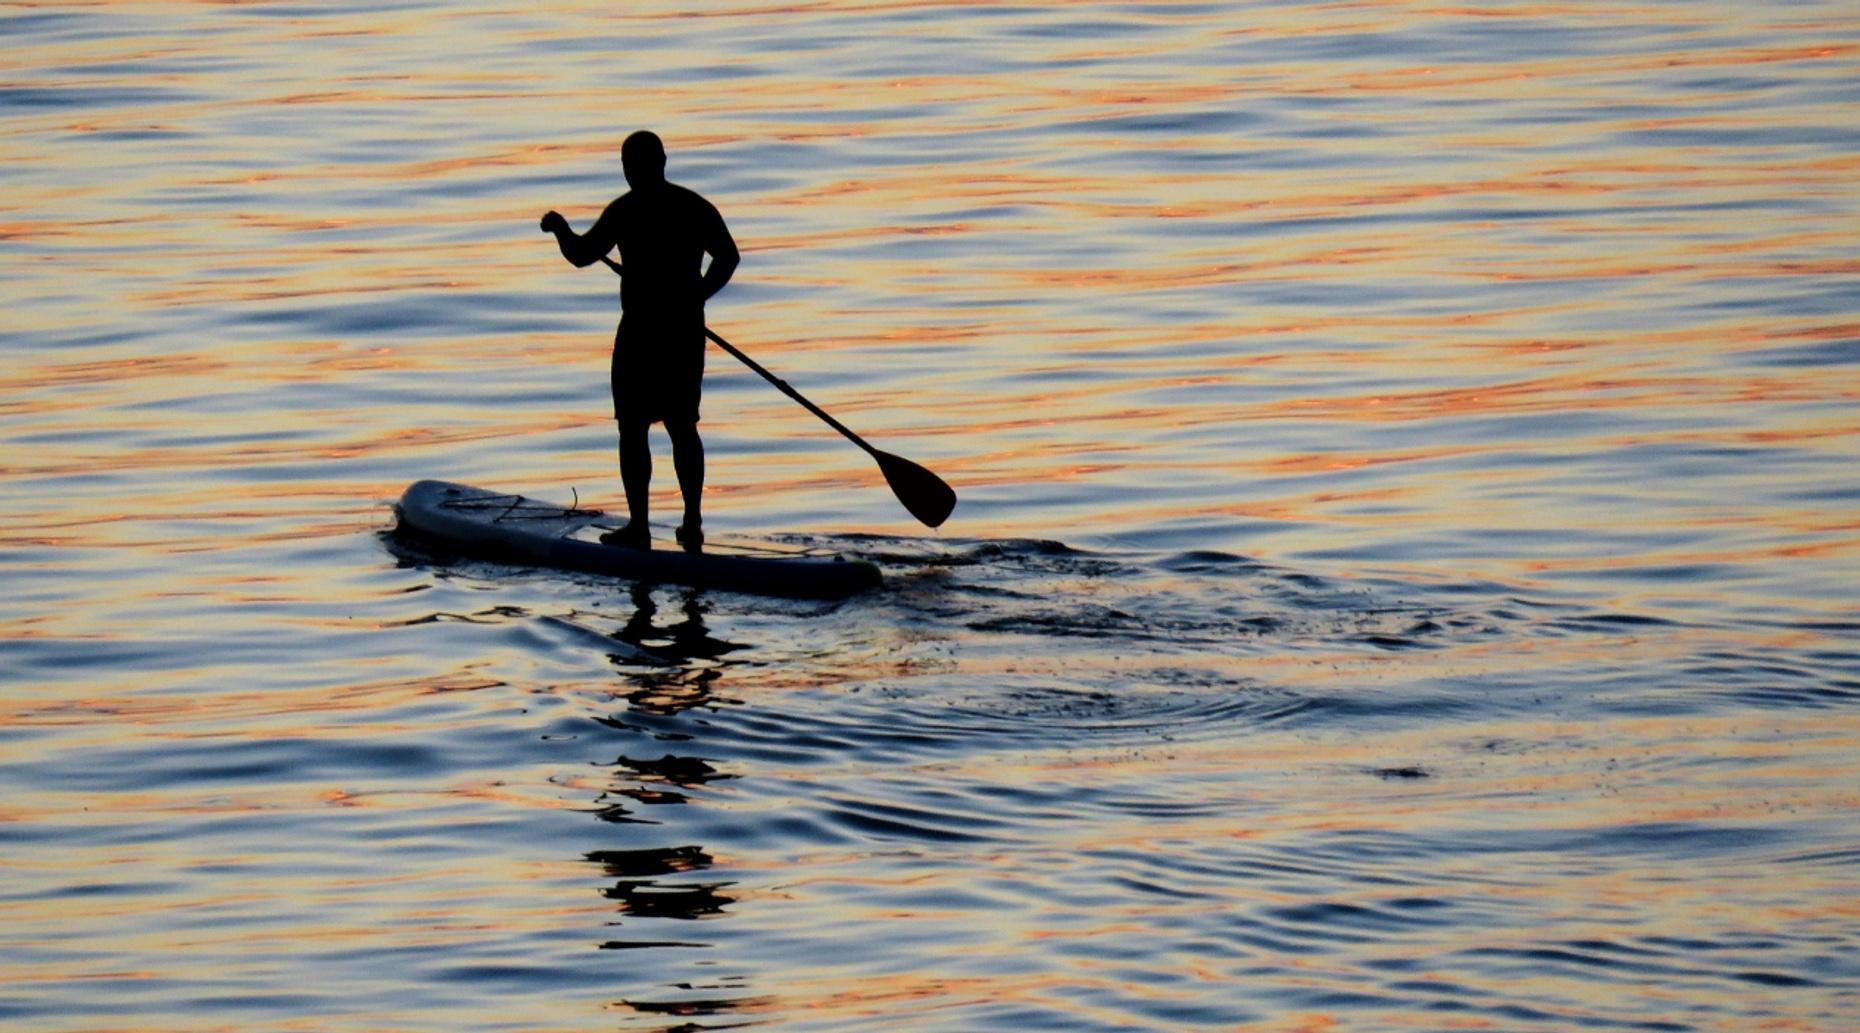 Paddleboarding & Ladies Night Event in El Lago